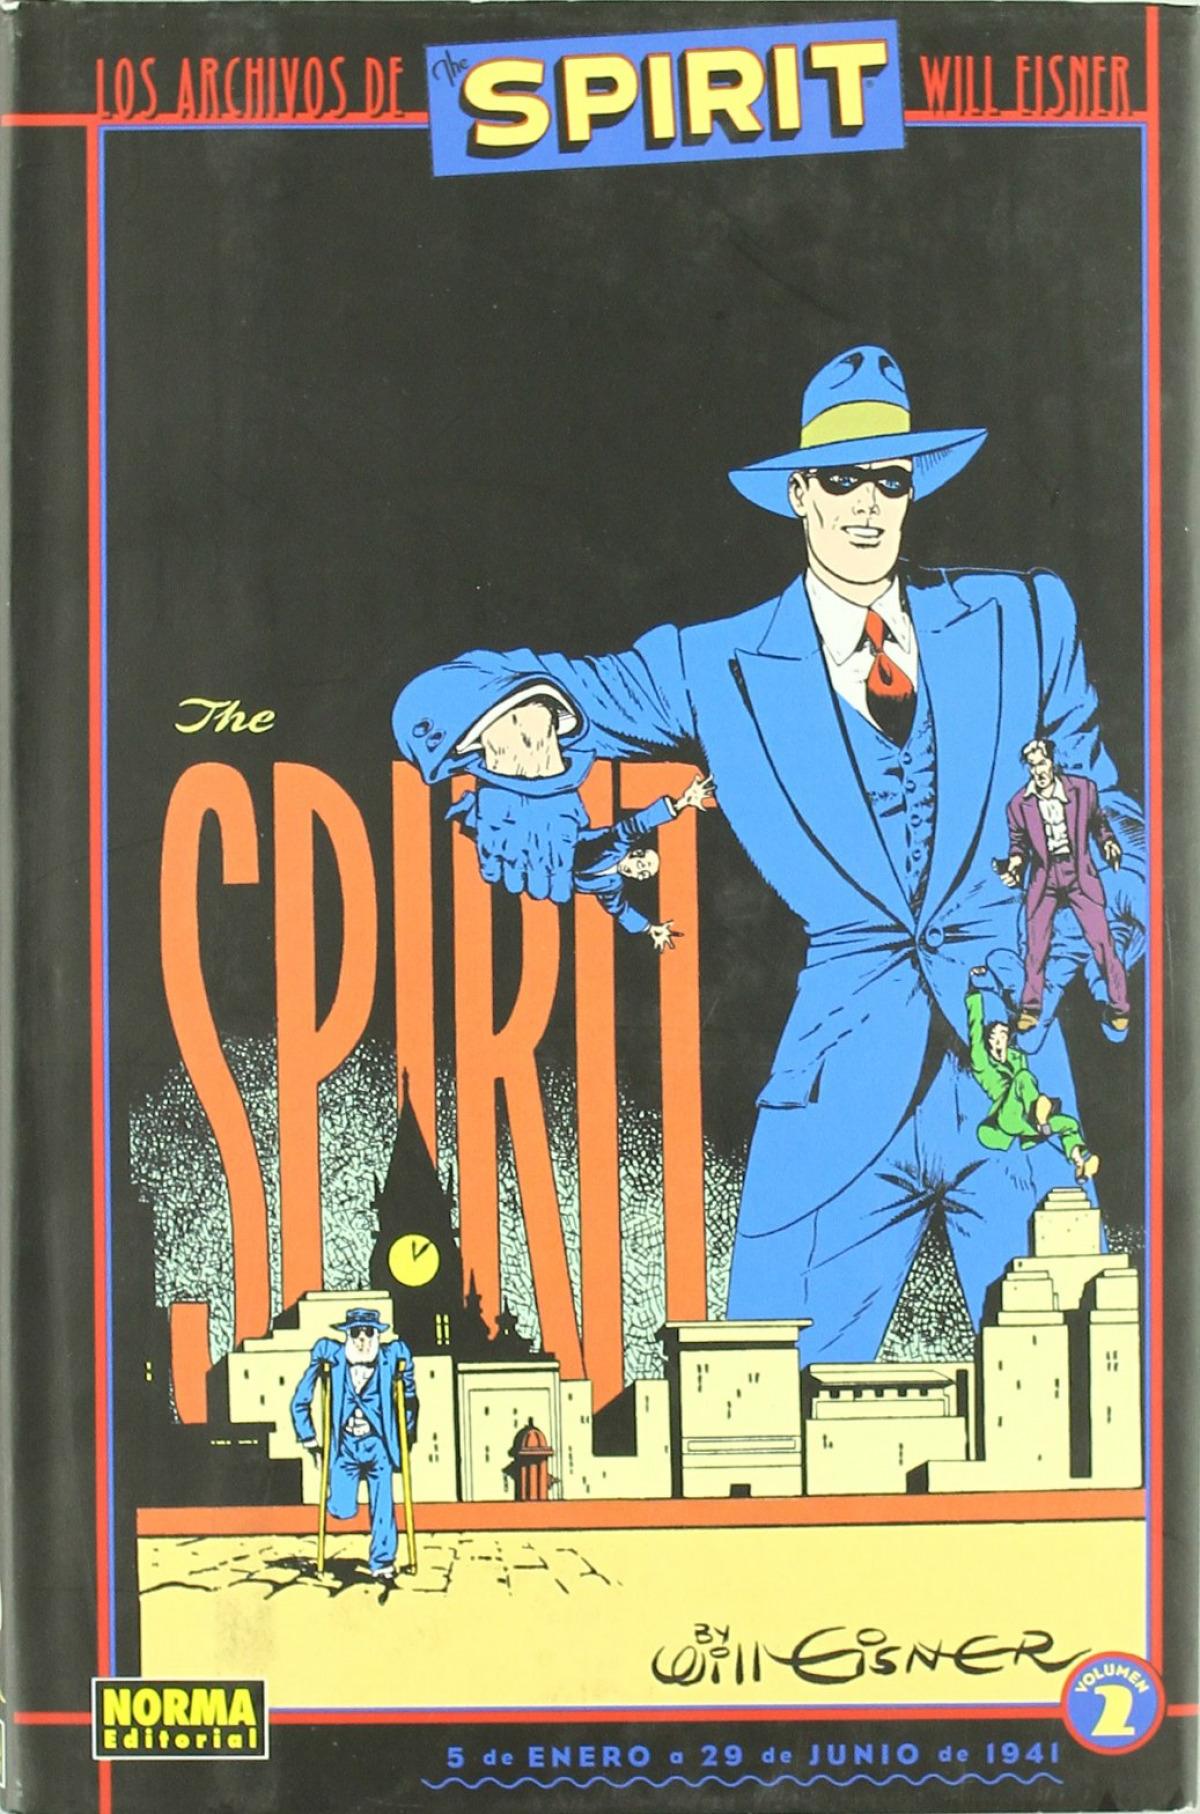 Los archivos de the spirit 2